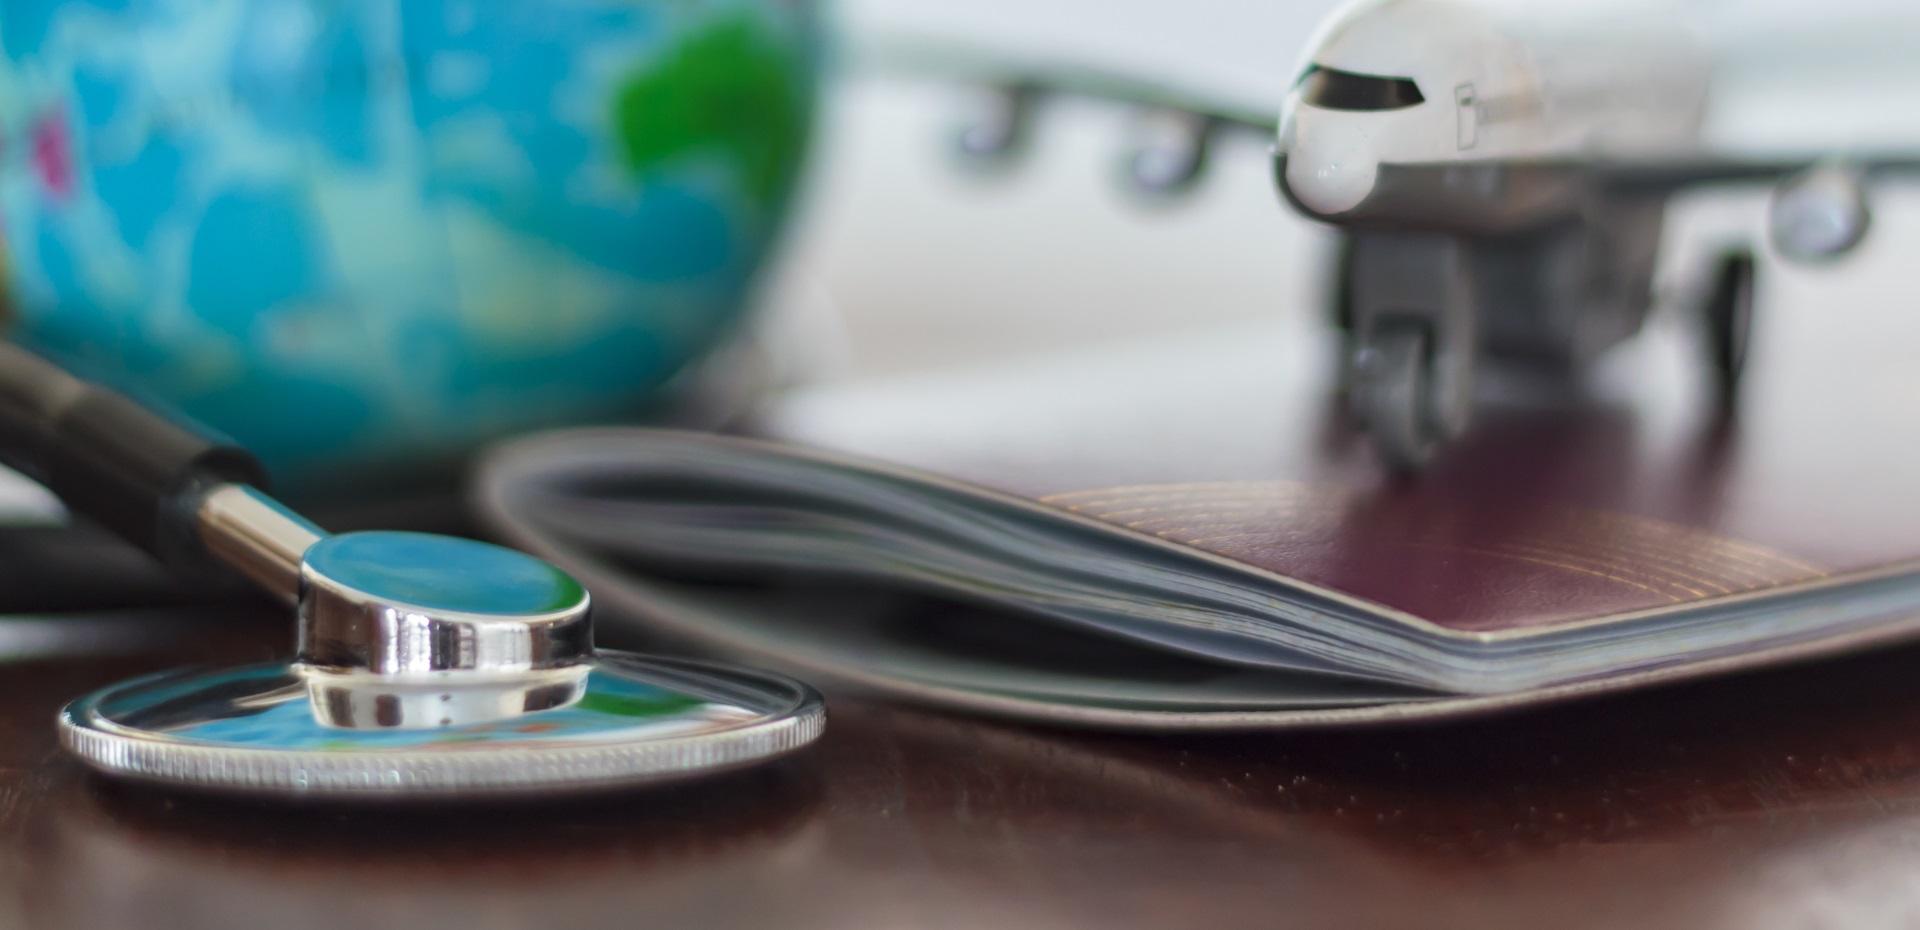 Ein Globus, ein Modellflugzeug, ein Impfpass und ein Stethoskop